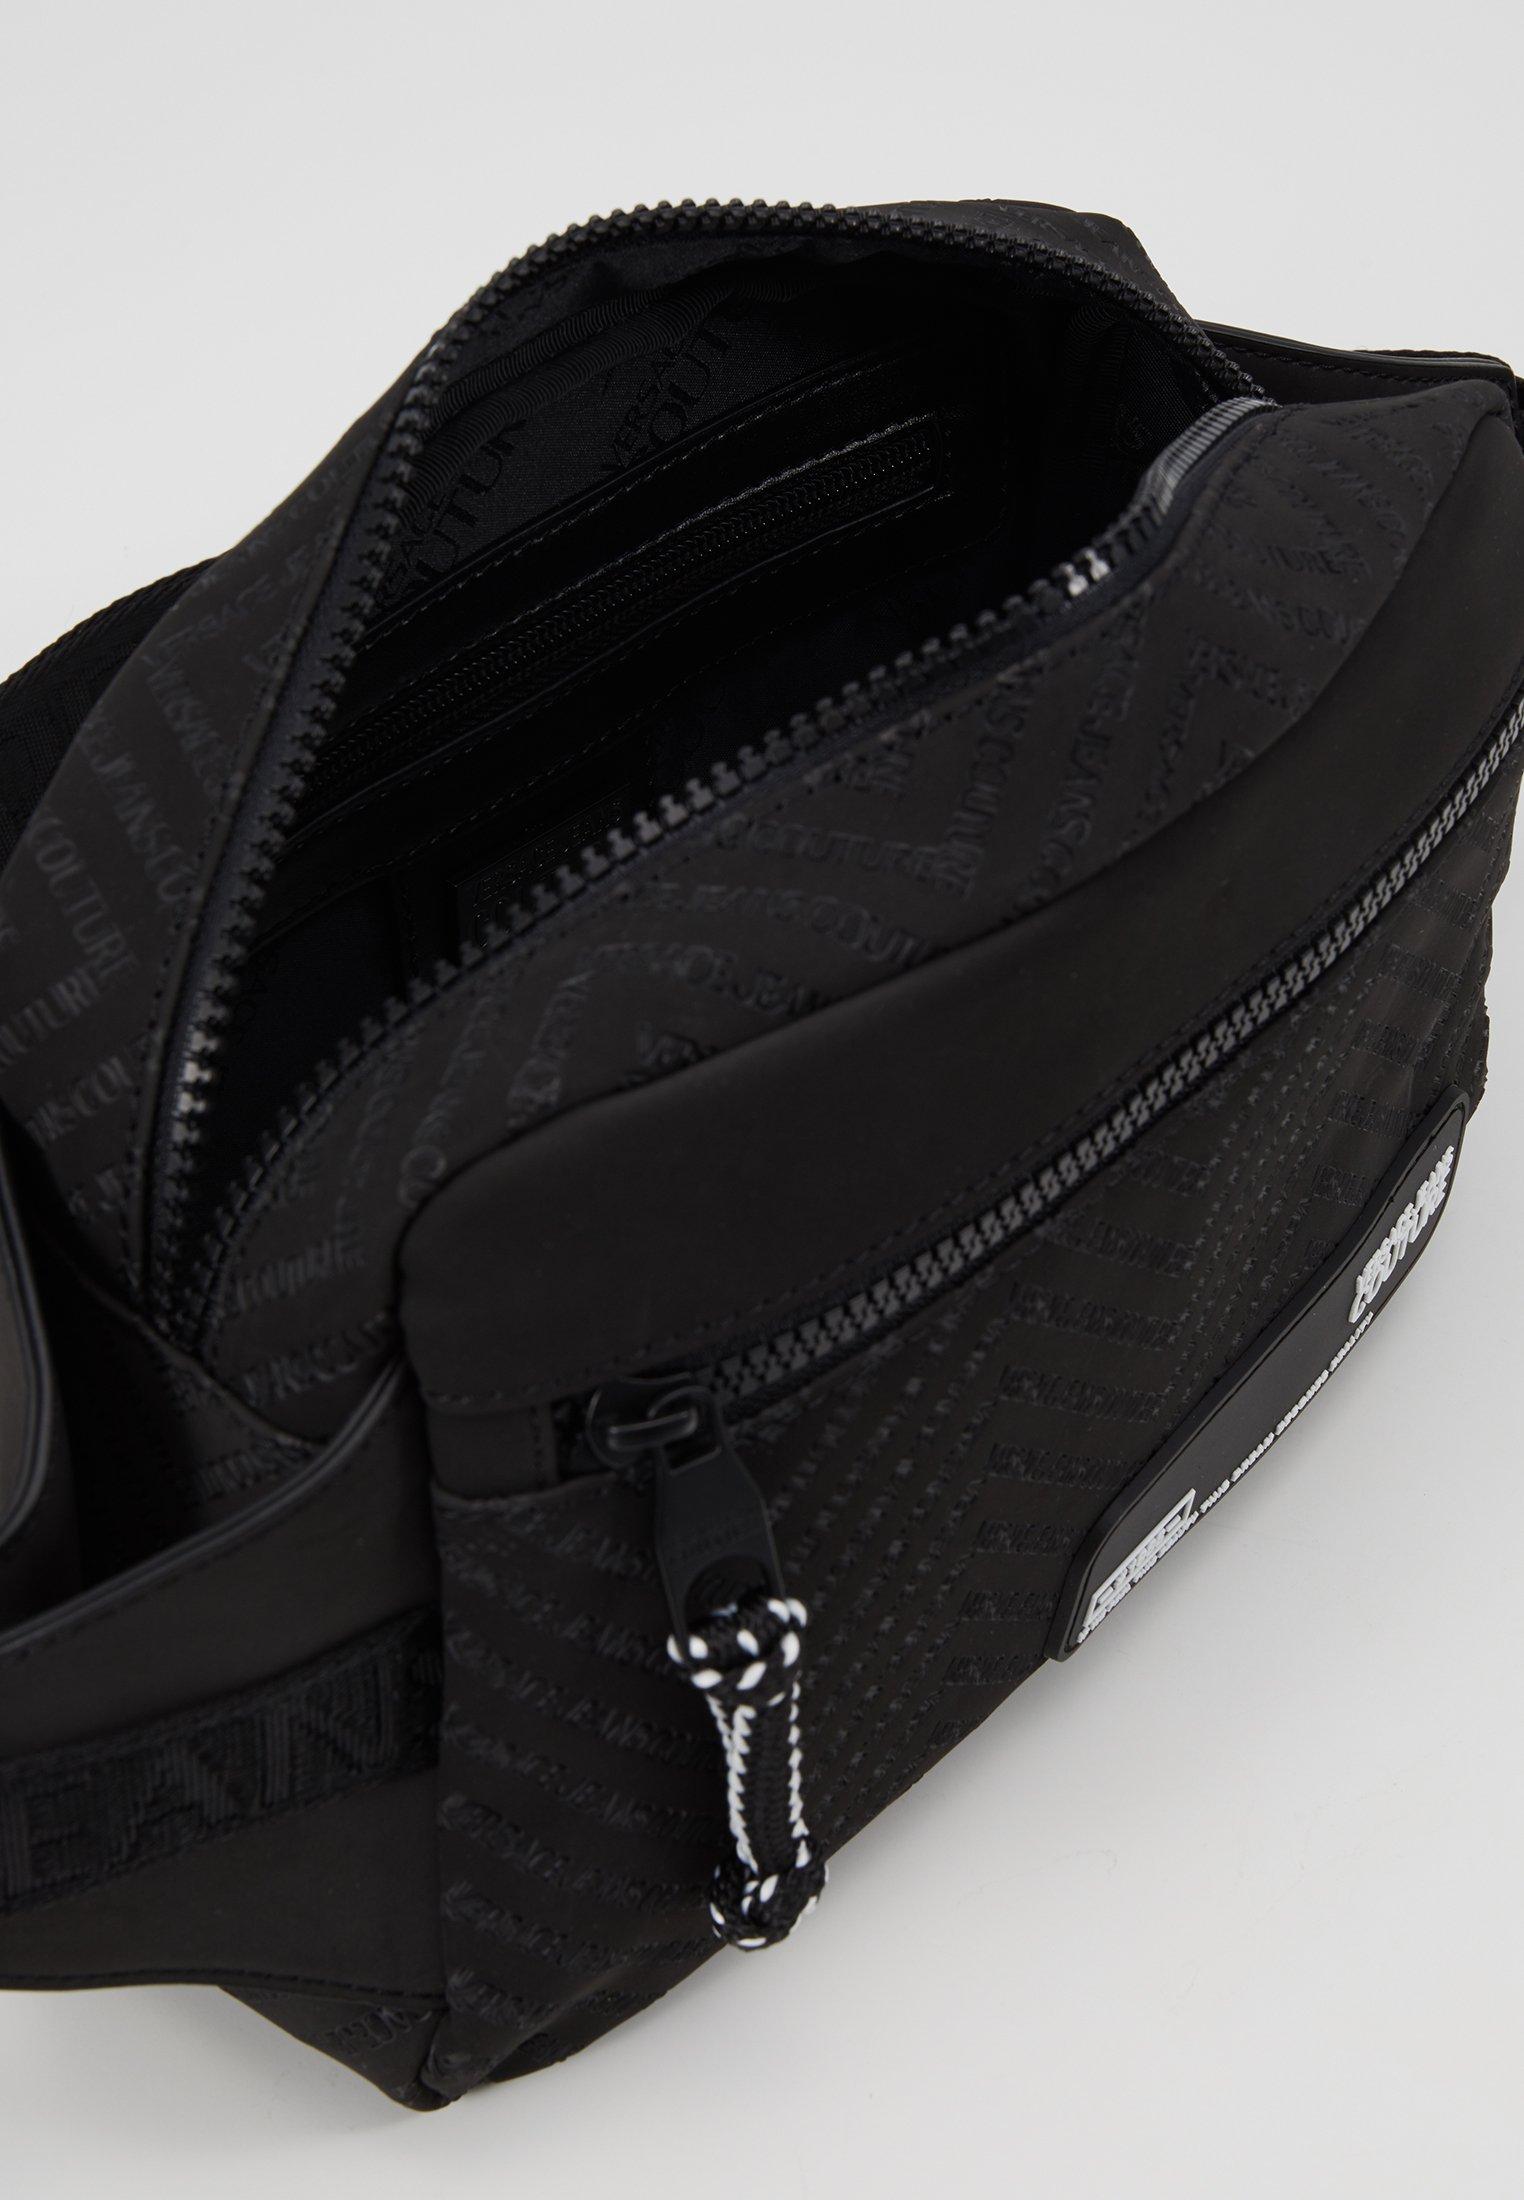 Versace Jeans Couture Sac Bandoulière - Black